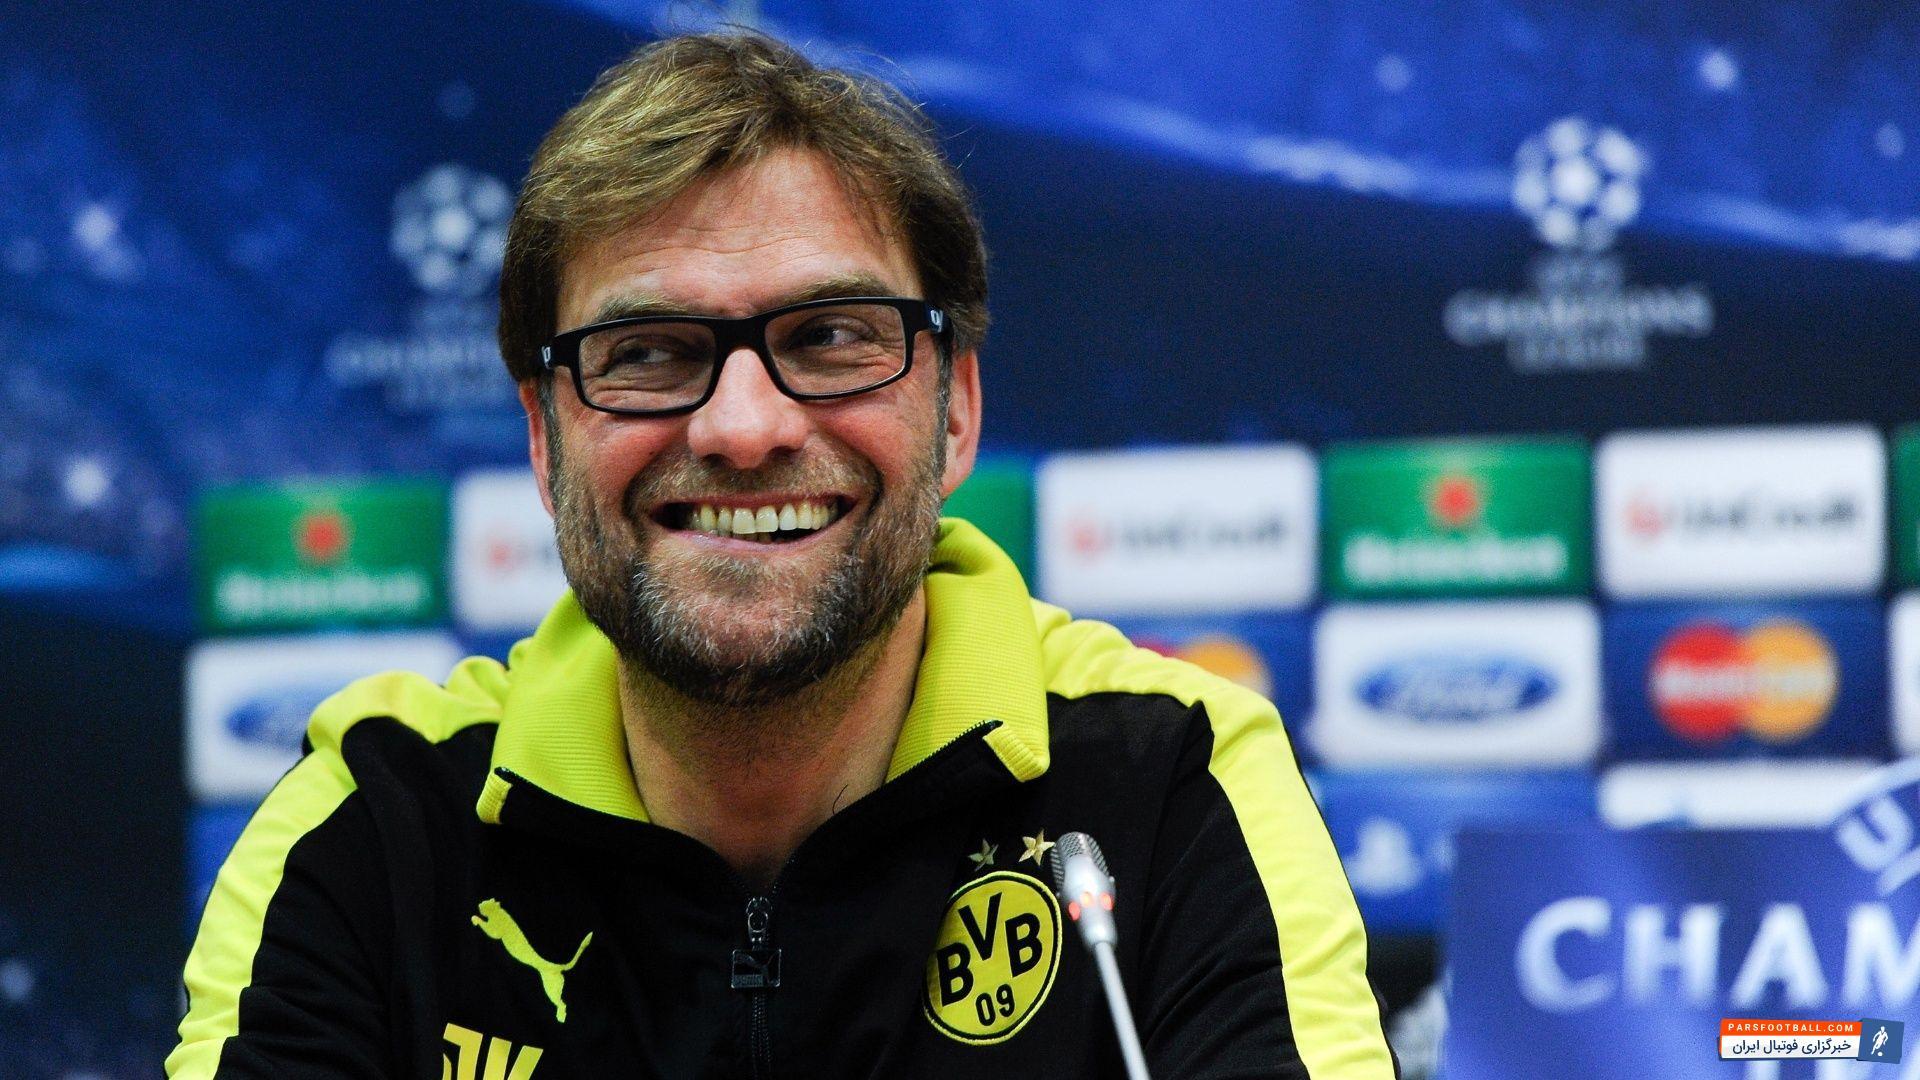 یورگن کلوپ سرمربی لیورپول: پپ گواردیولا بهترین مربی فصل لیگ برتر است